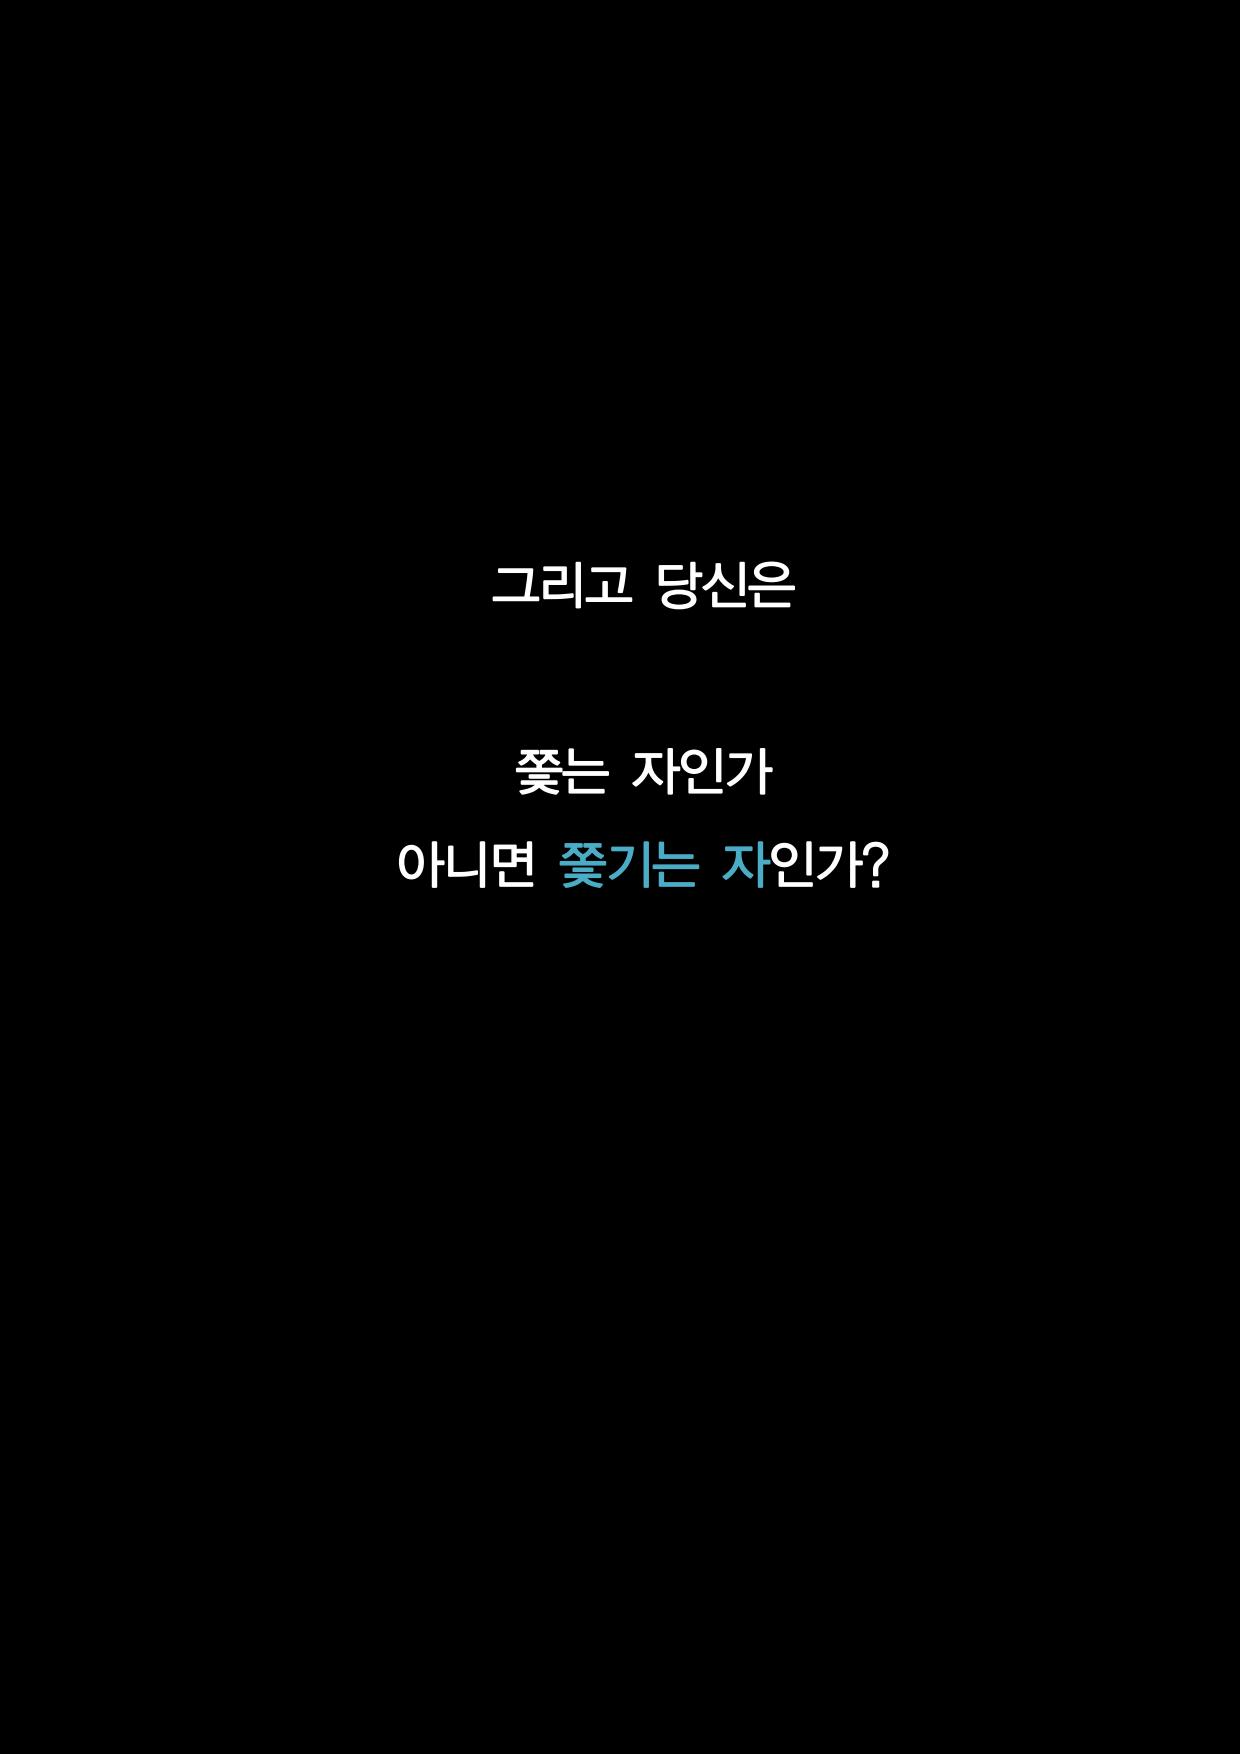 본 머티리어 1회차 홍보글 v3(수강후기 따로 편집요함)_12.png